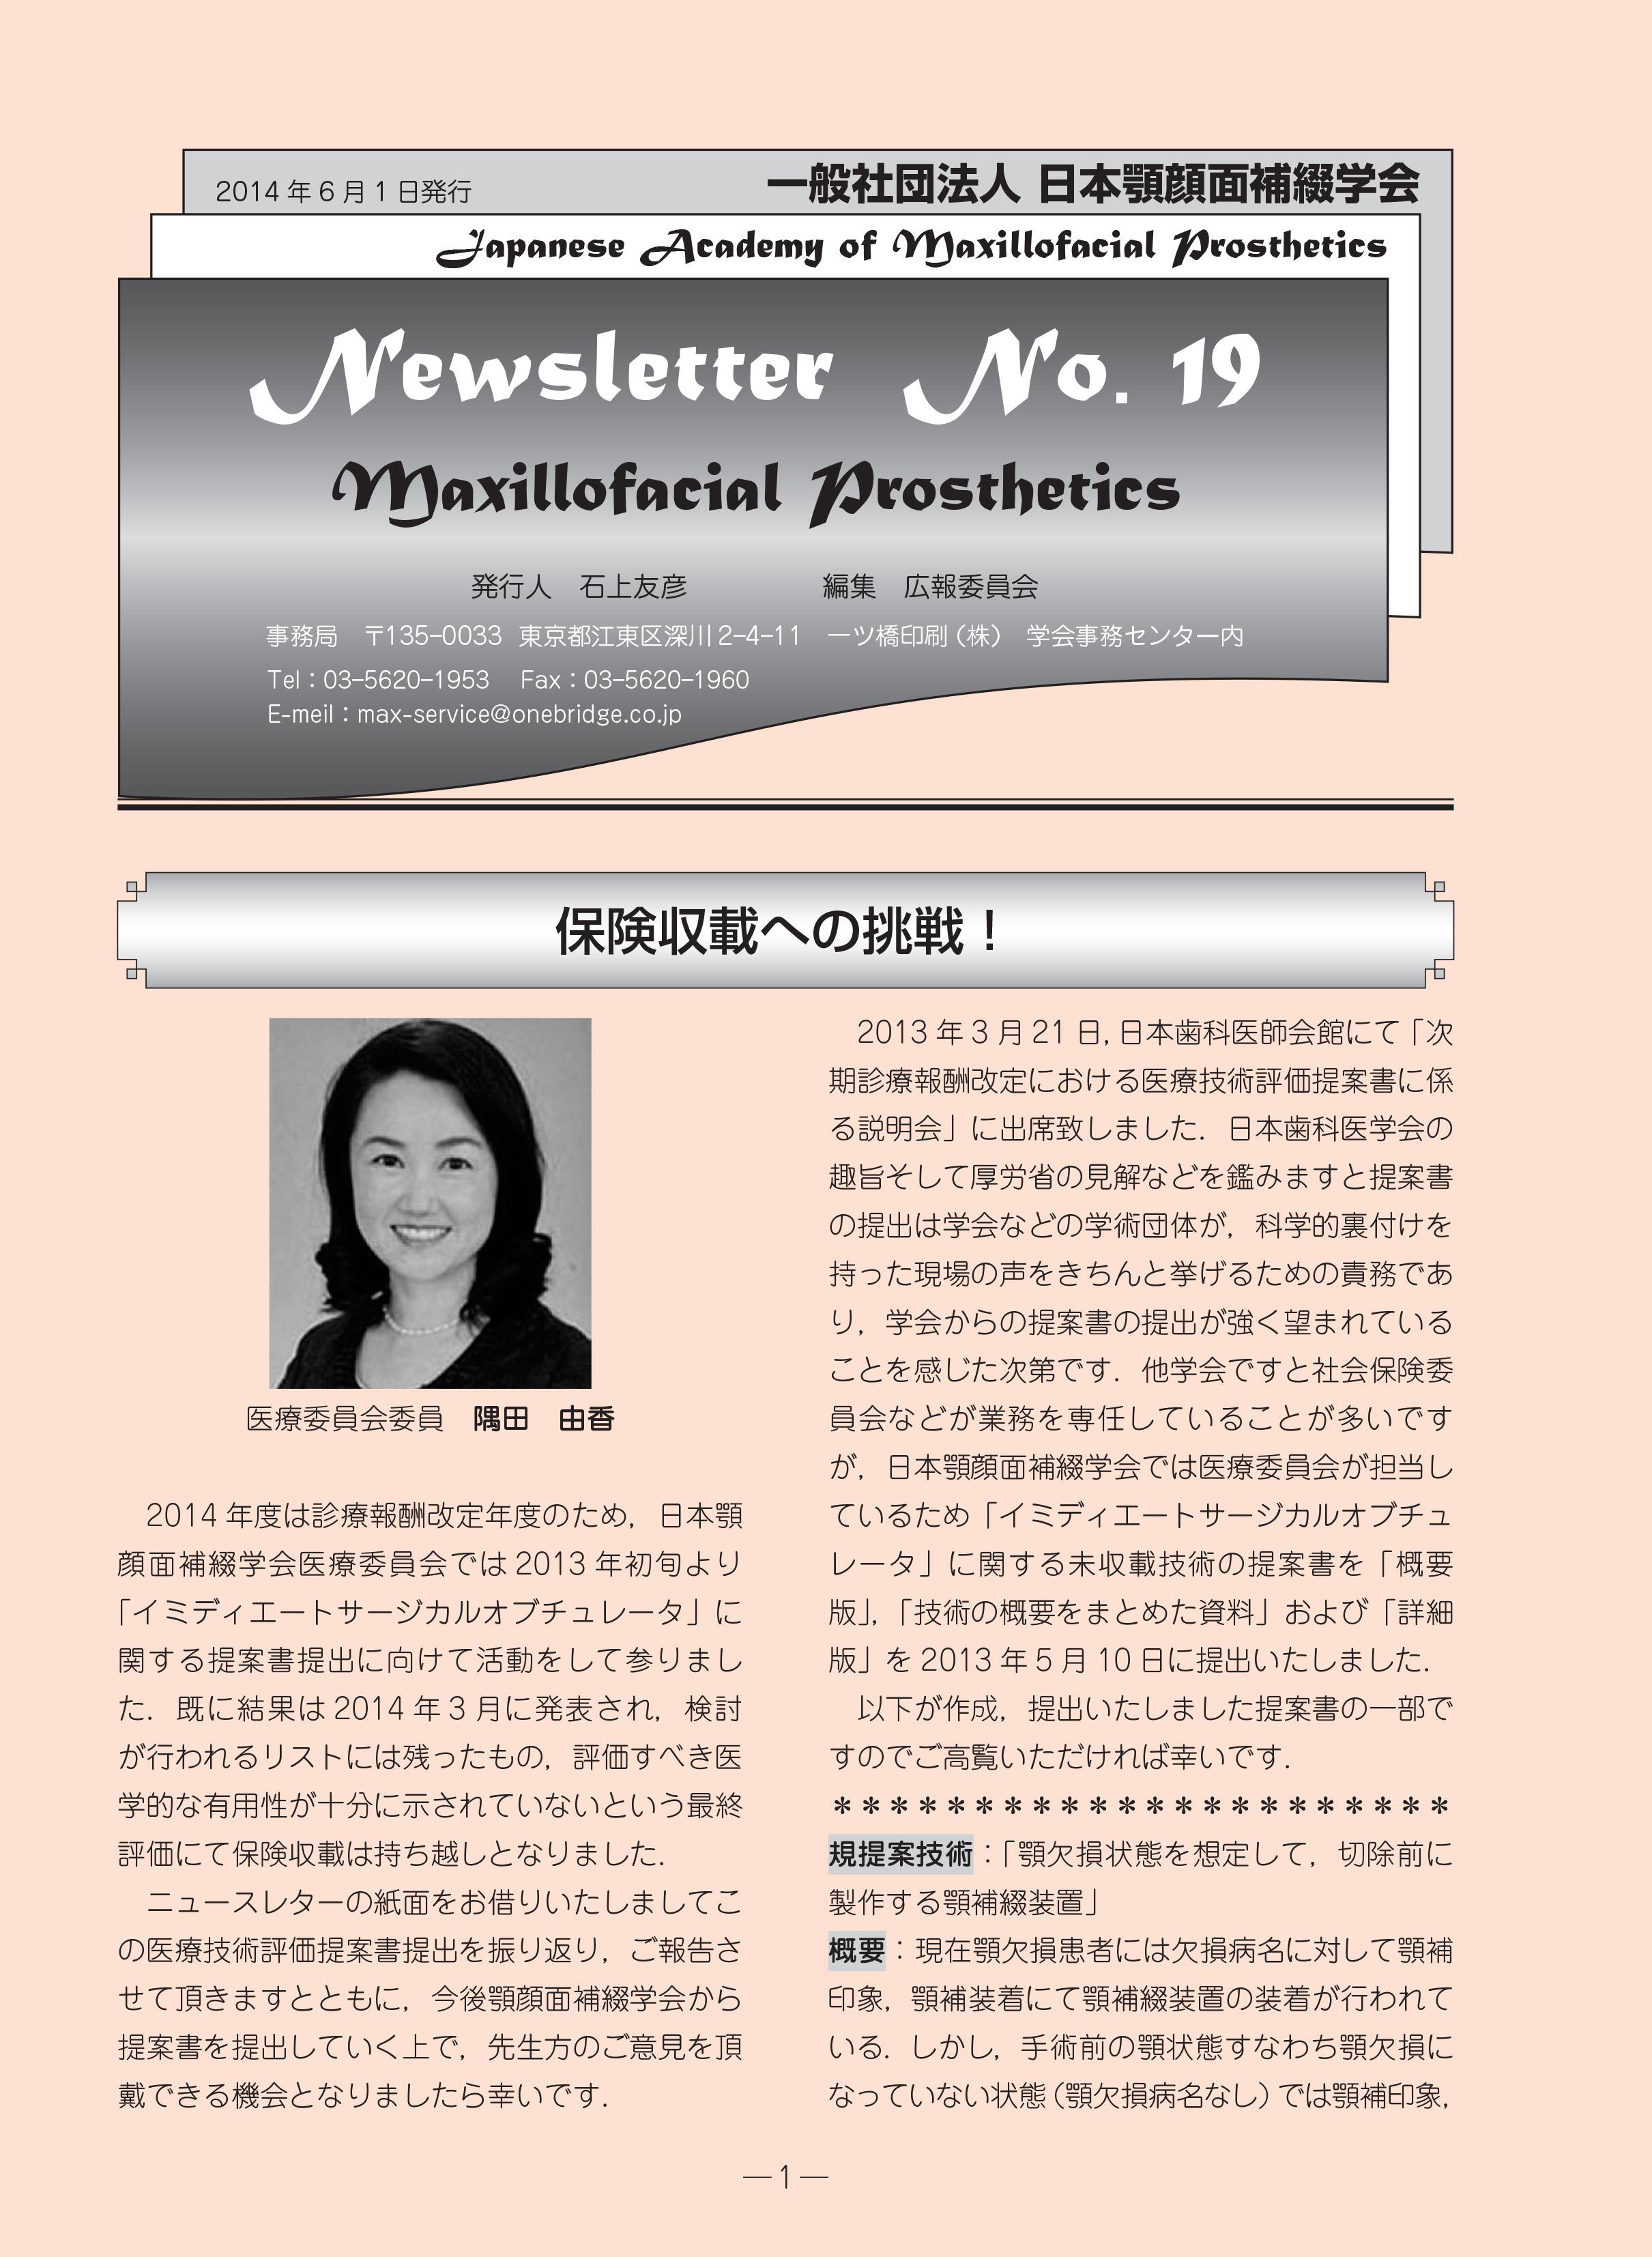 ニュースレター No.19